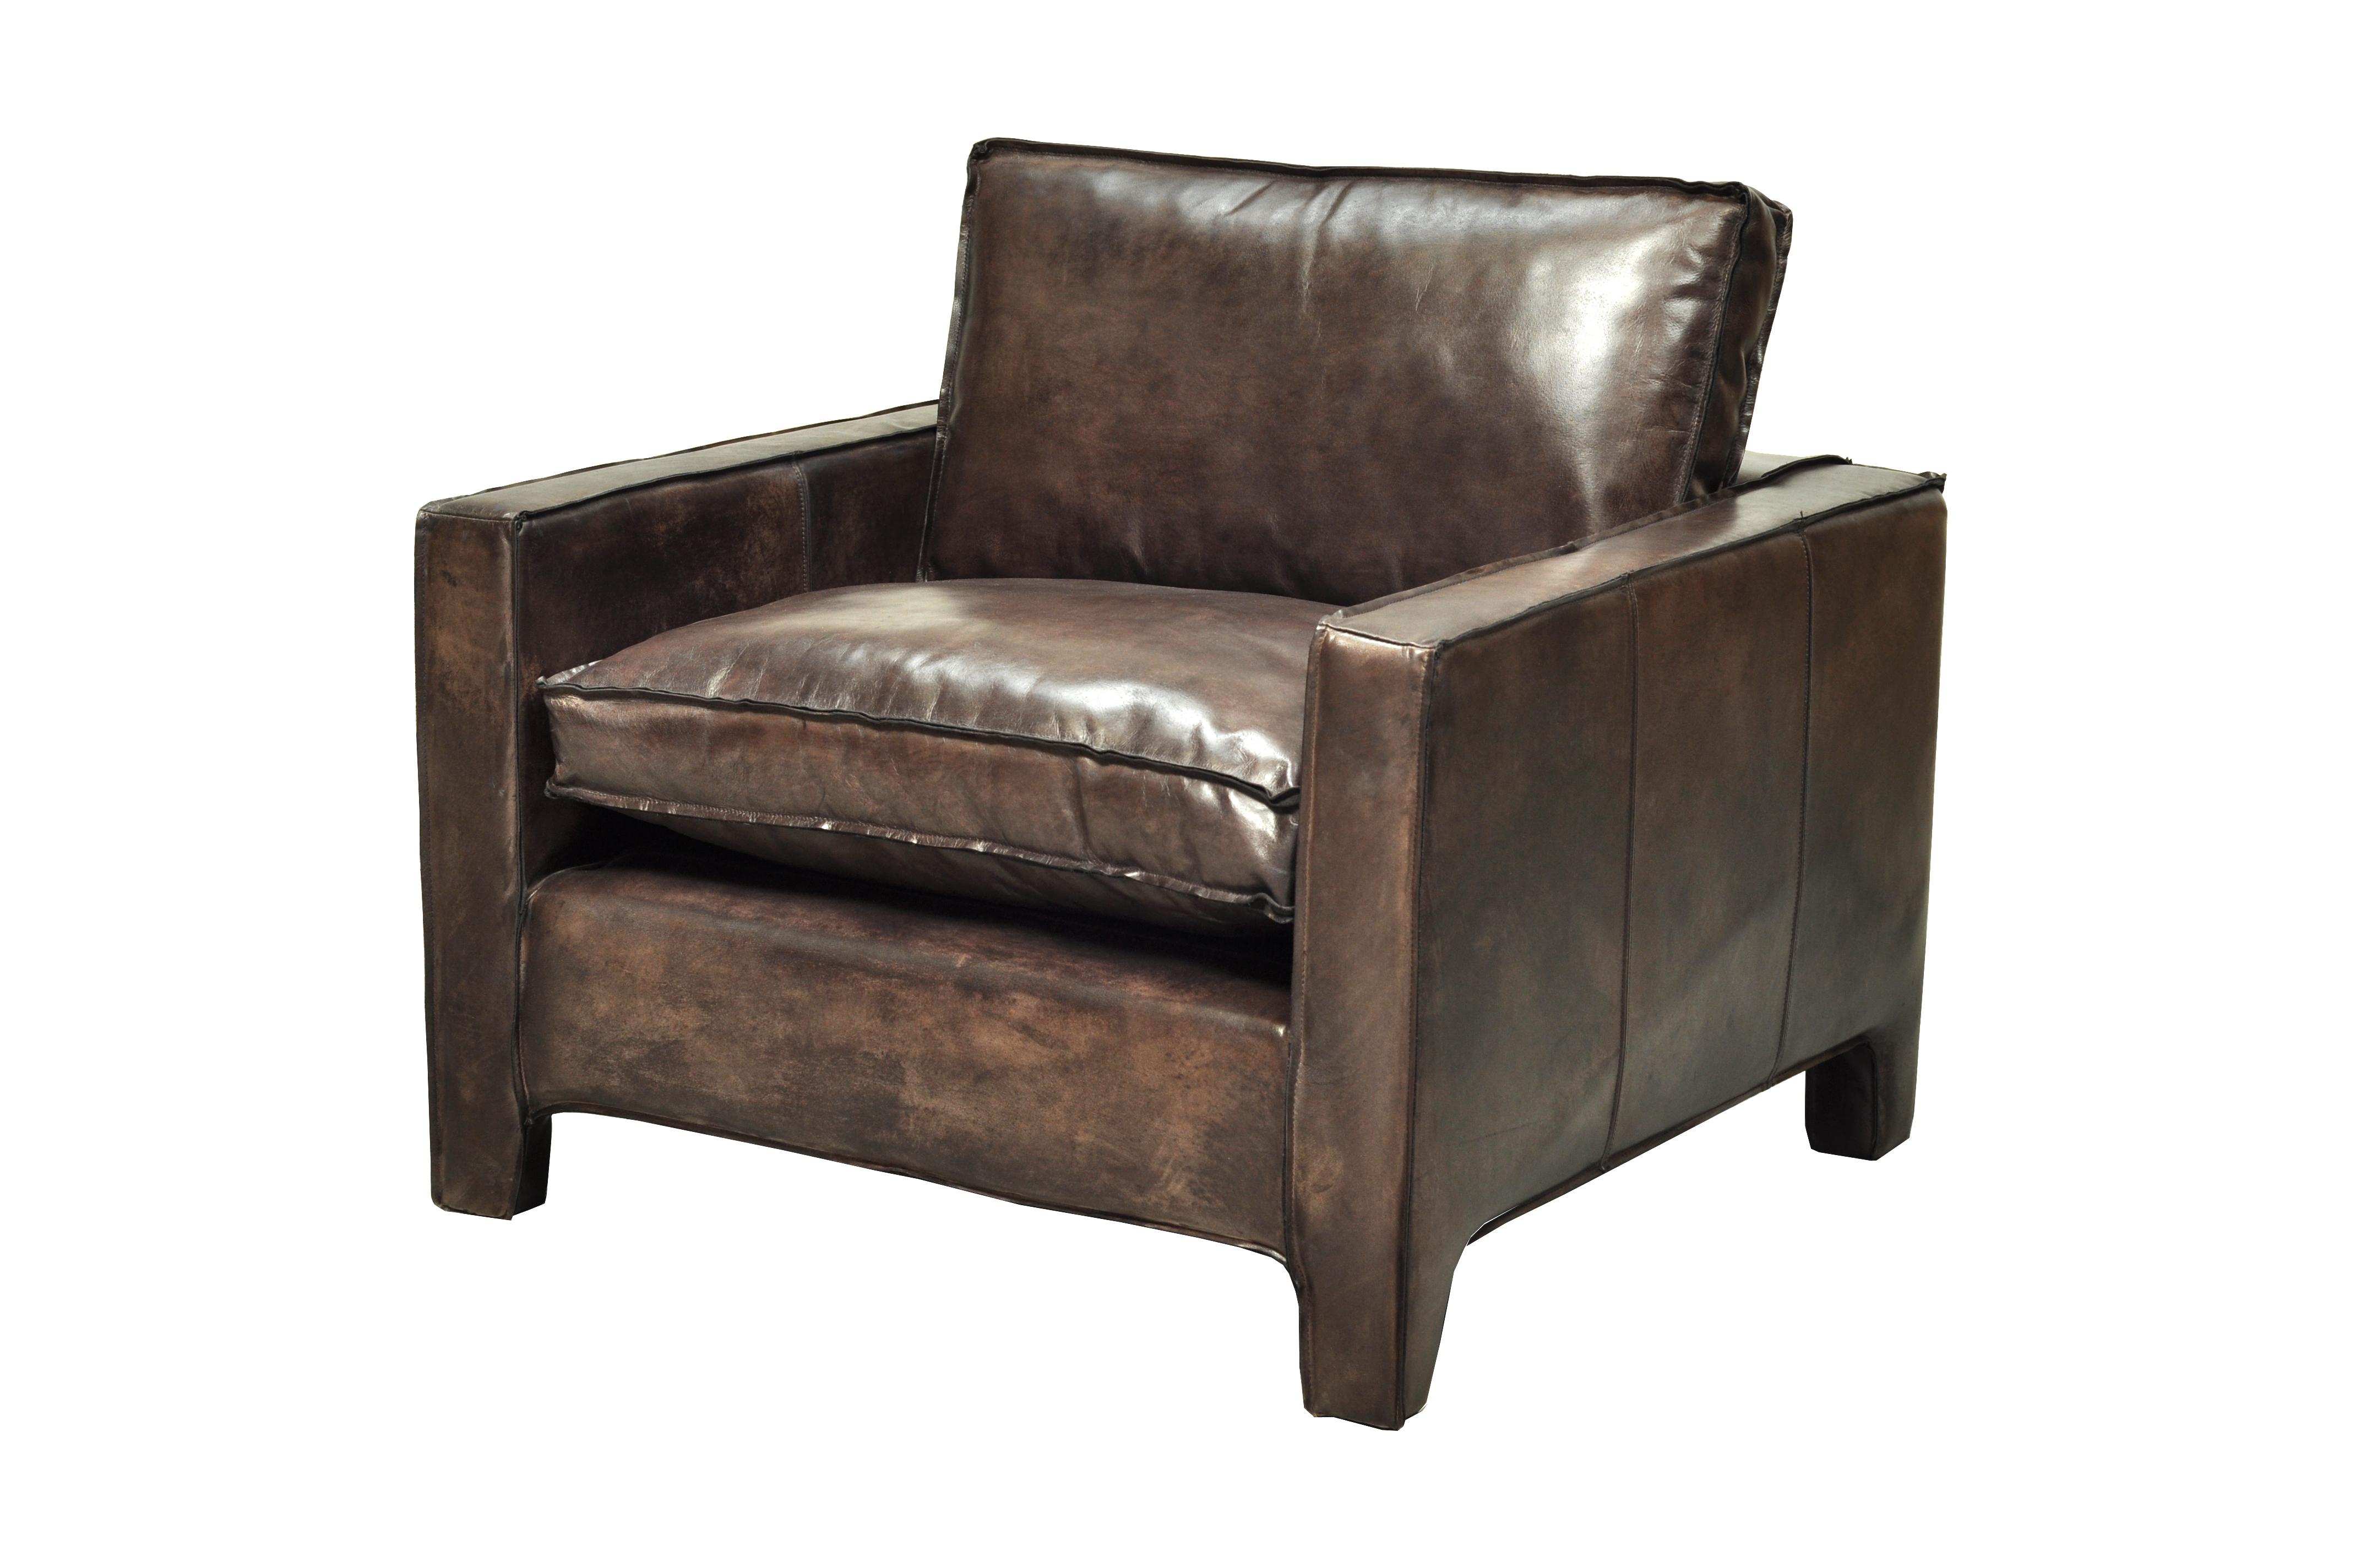 Кресло ДенмаркИнтерьерные кресла<br><br><br>Material: Кожа<br>Length см: None<br>Width см: 94<br>Depth см: 94<br>Height см: 76